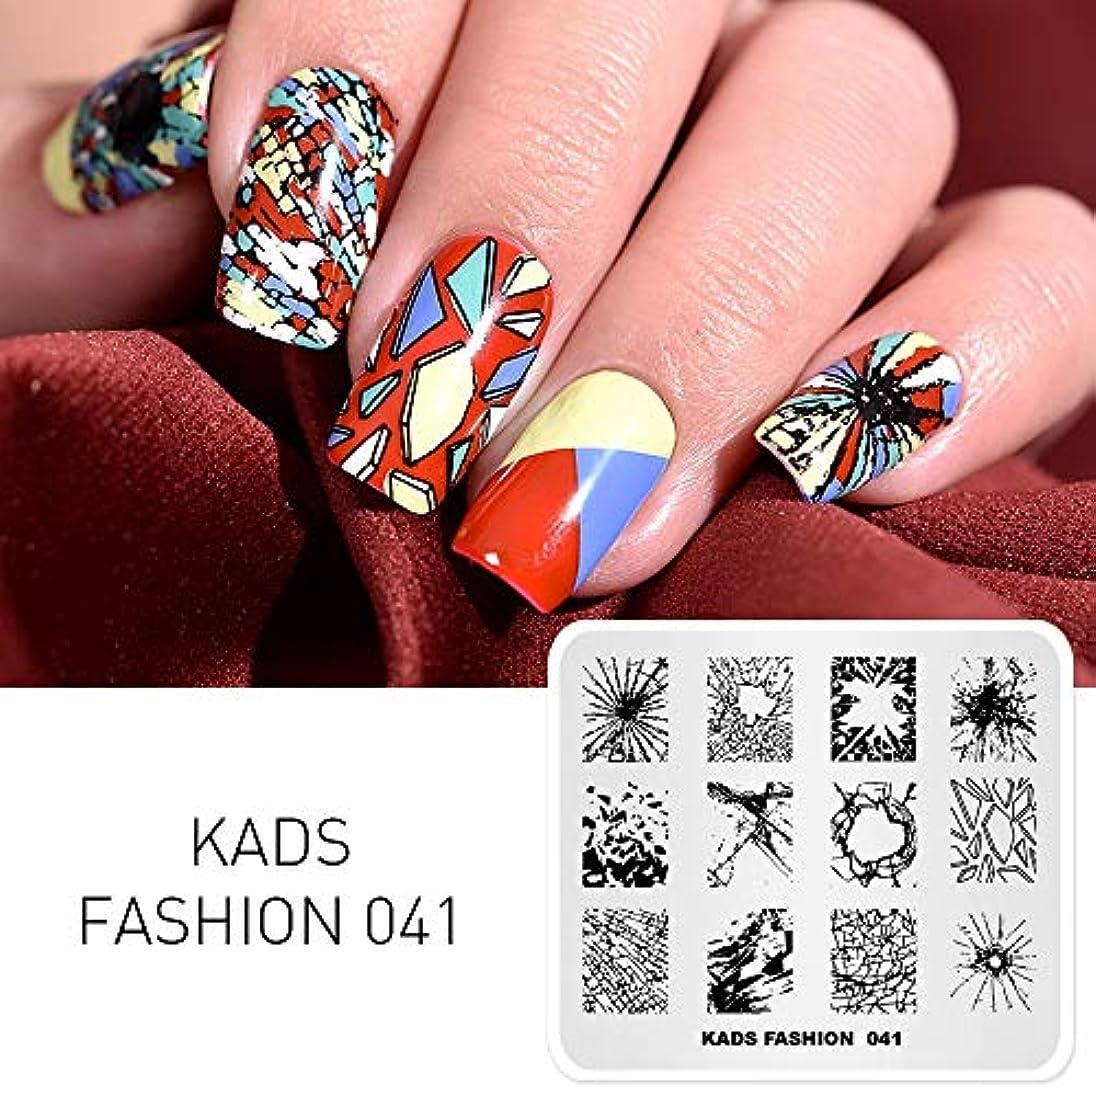 音屈辱する評論家KADS スタンピングプレート ファッションスタイル ネイルプレート ネイルイメージプレート ファッションスタイル (FA041)